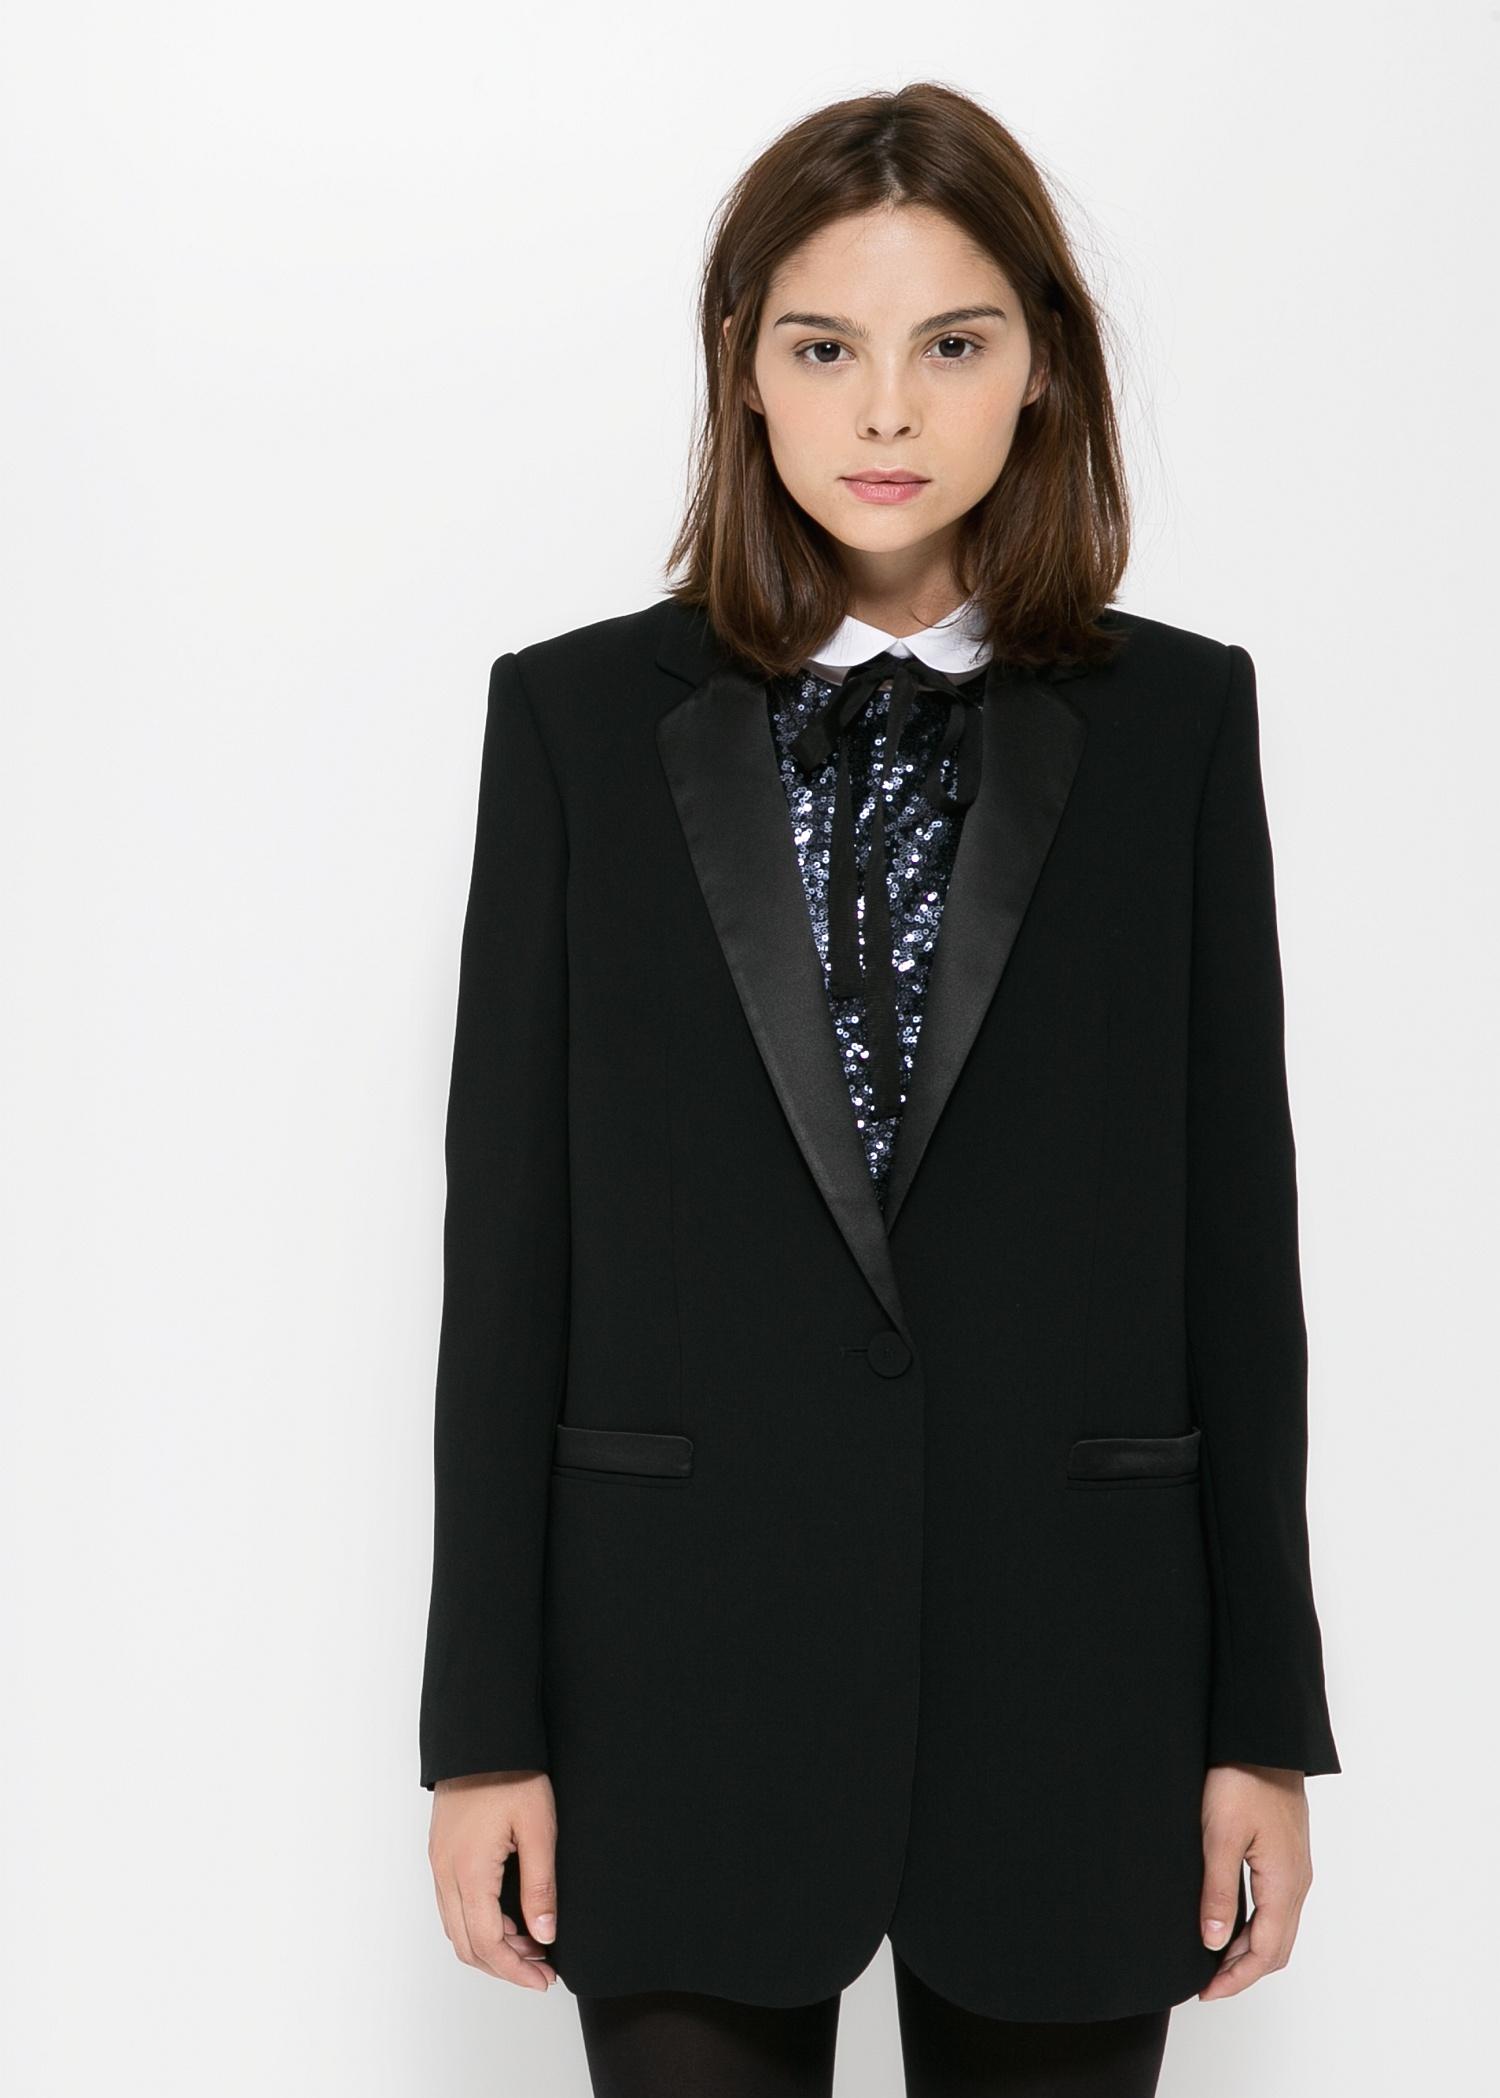 Blazer mit satin-details - Jacken für Damen | MANGO